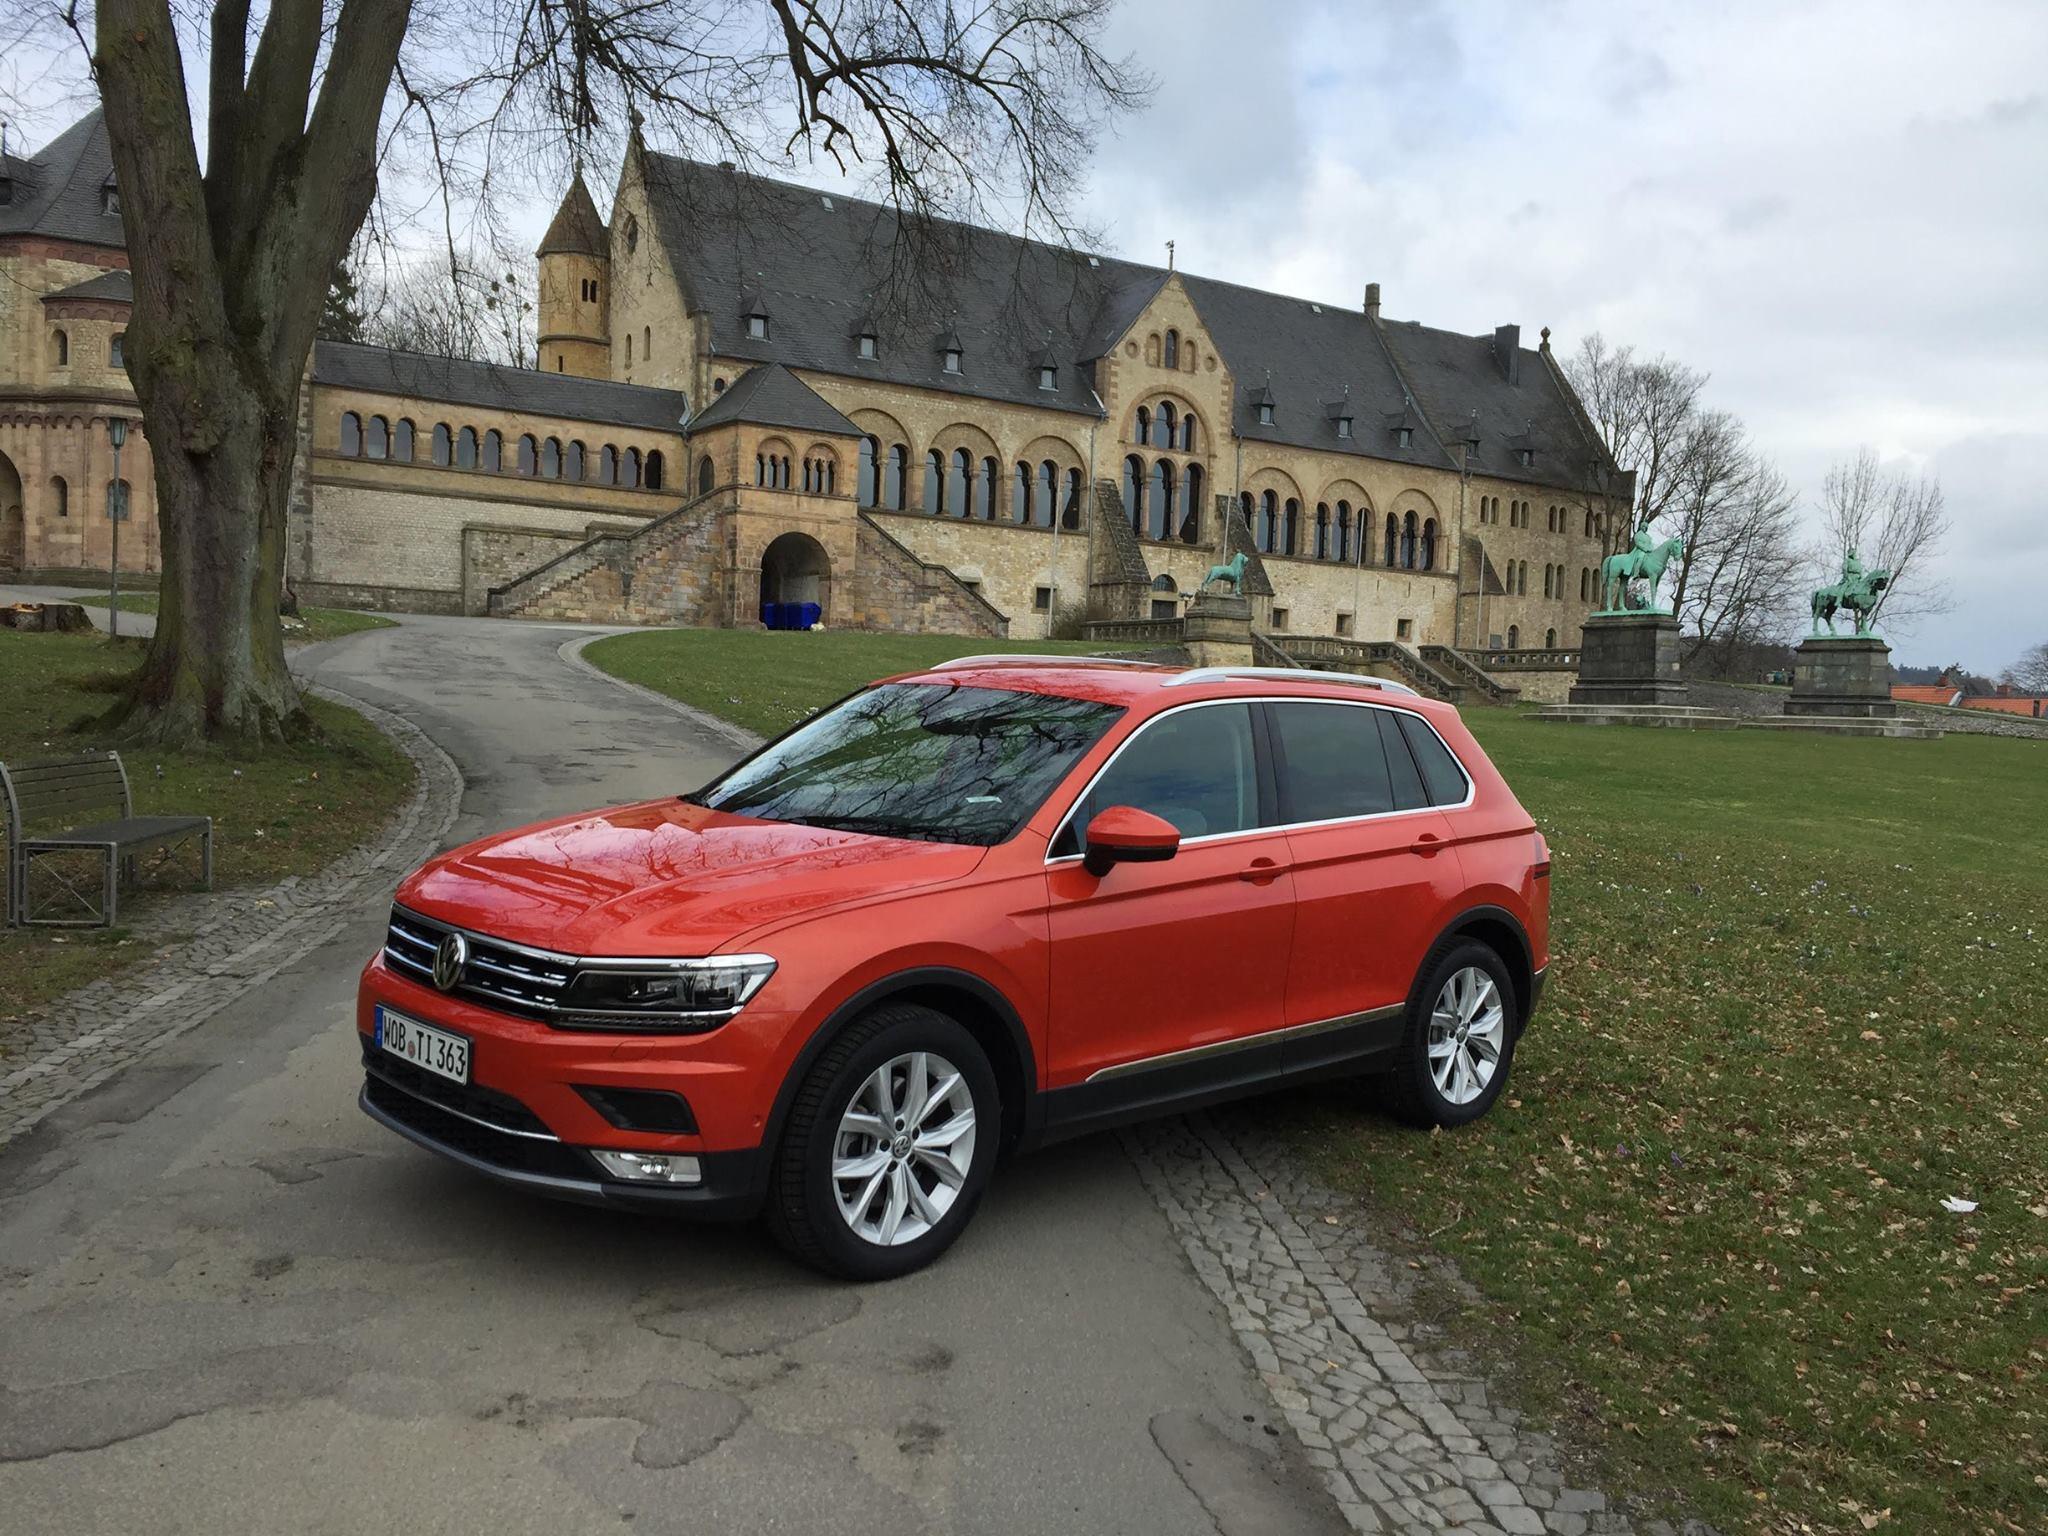 VW Tiguan Allspace, que ficará posicionado acima de T-Cross e Tharu